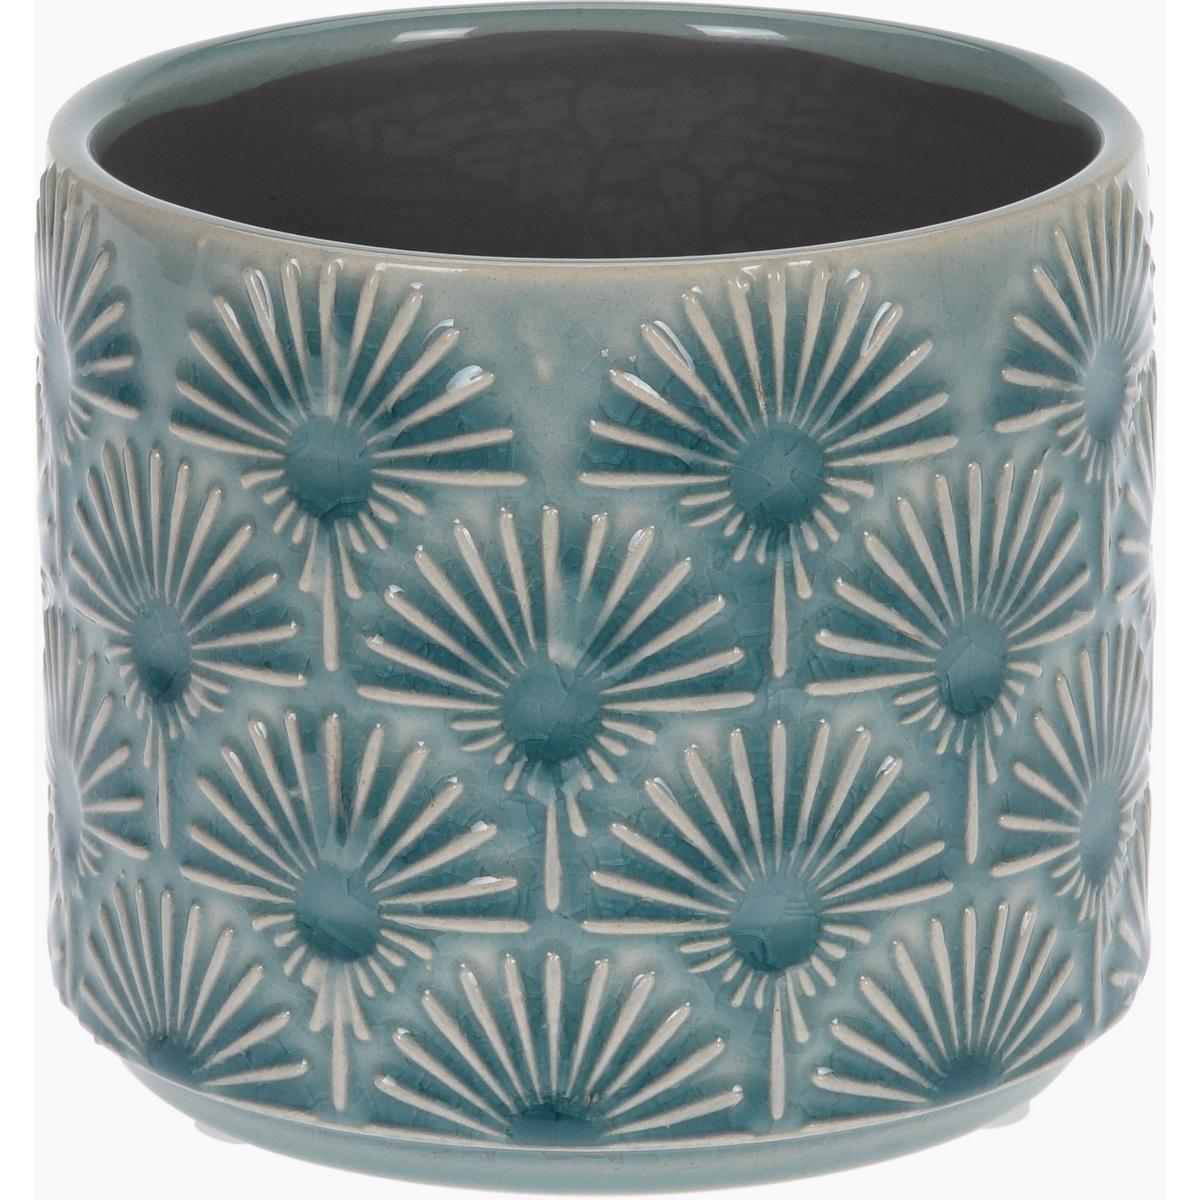 Keramický obal na květináč Campello modrá, pr. 10 cm